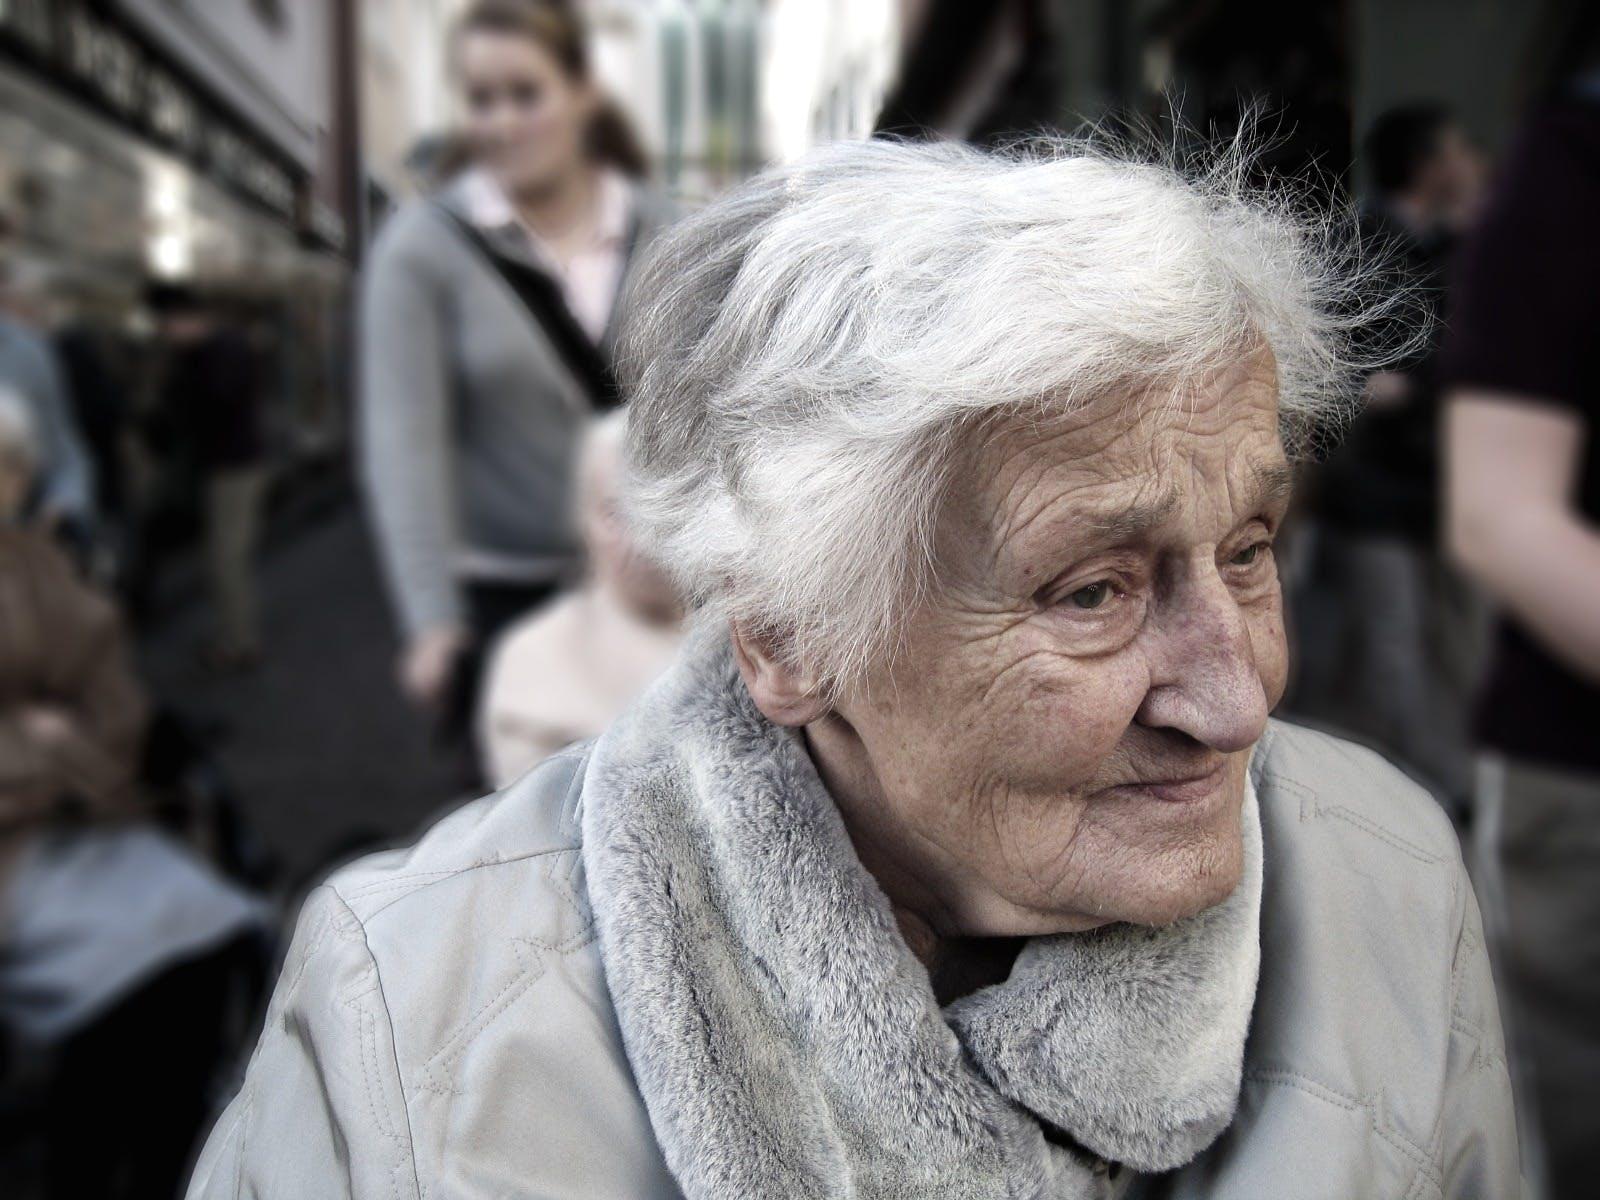 Kostenloses Stock Foto zu person, frau, alt, erwachsener